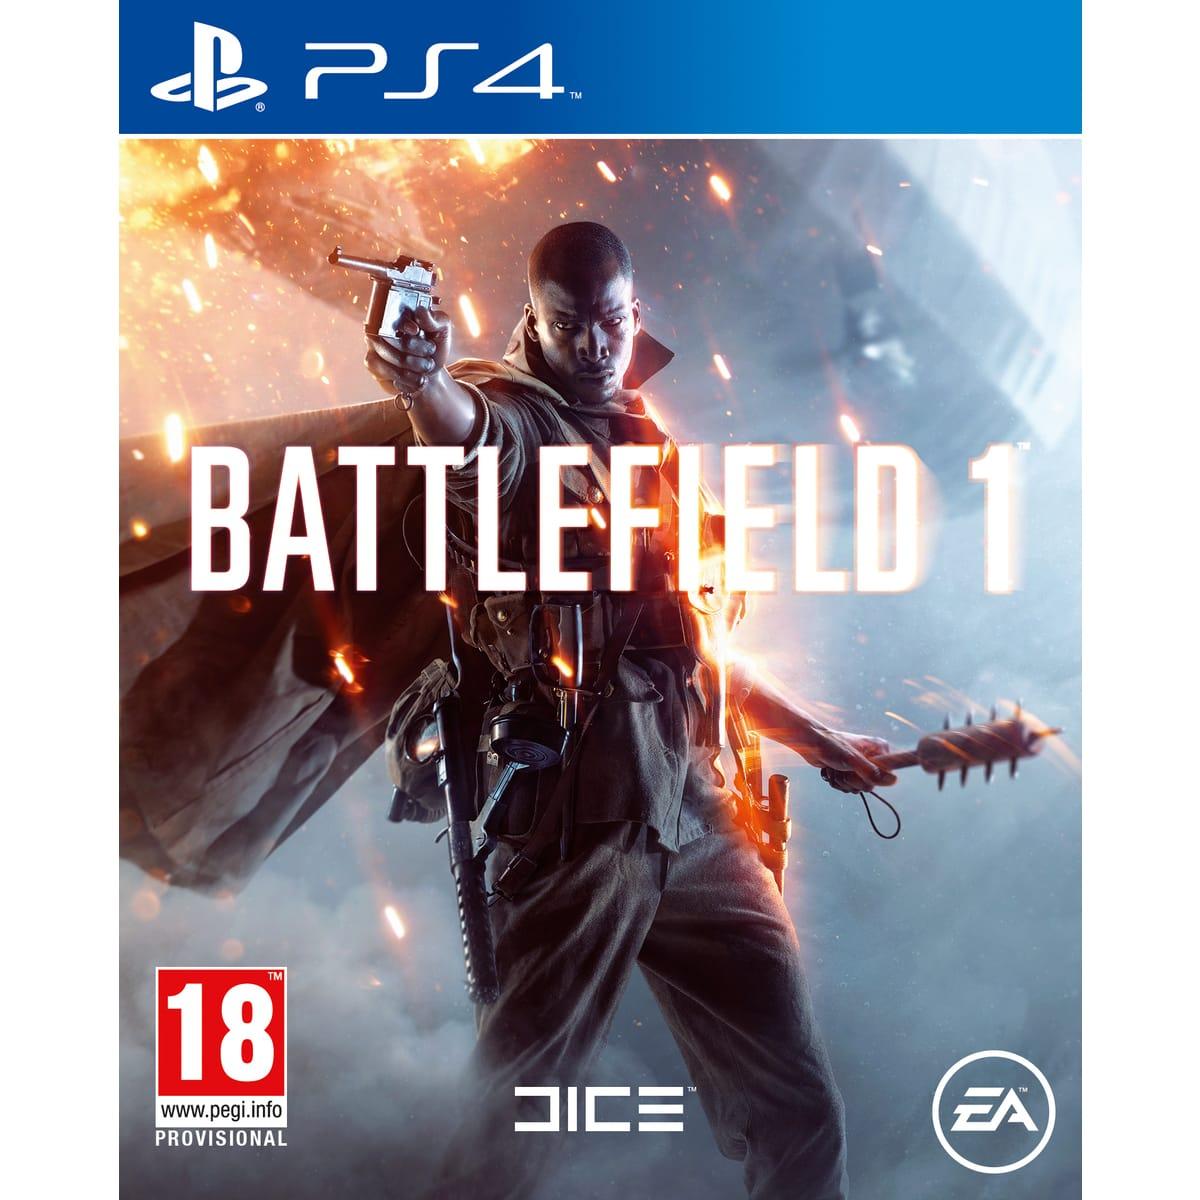 Sélection de Jeux en Promotion - Ex: La Terre du Milieu L'Ombre de la Guerre à 34,99€ & Battlefield 1 sur Xbox One ou PS4